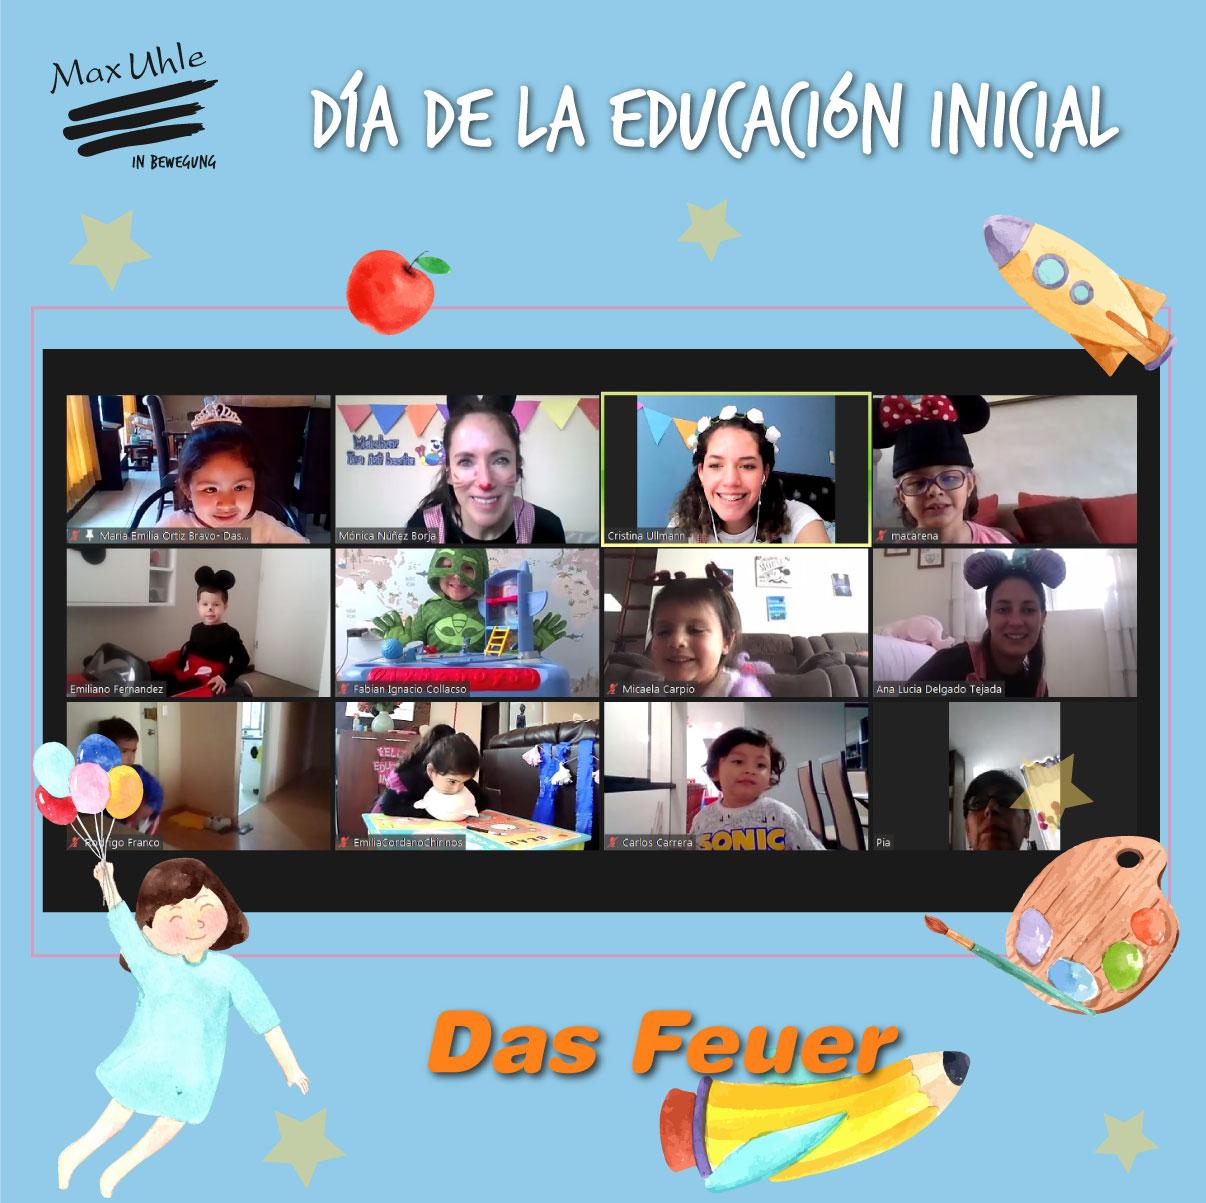 Das Feuer 3 Día de la Educación Inicial